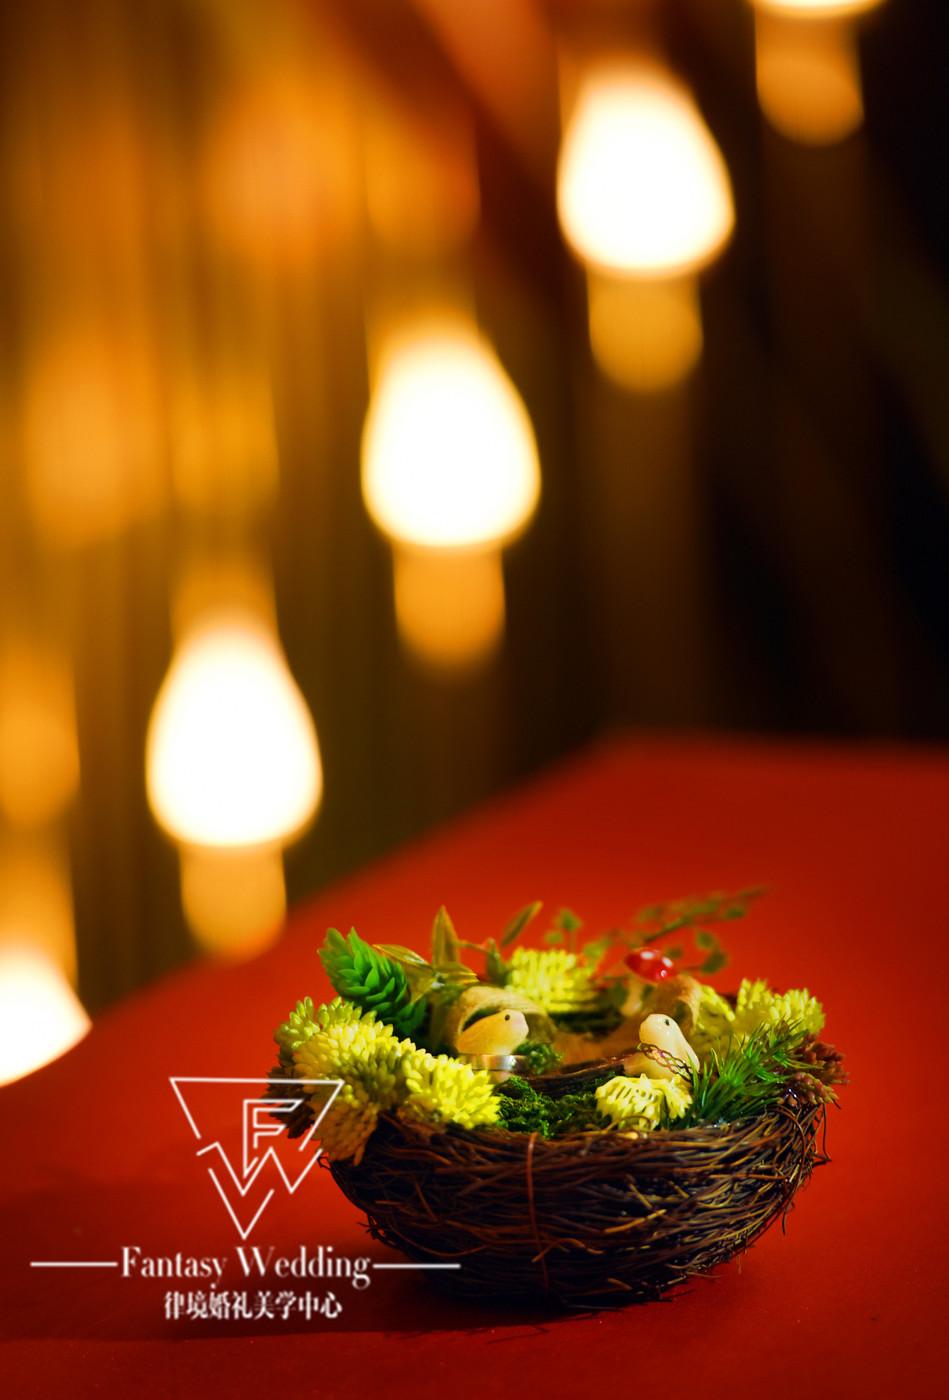 「律境婚礼」 胡萝卜& 方莱婚礼17